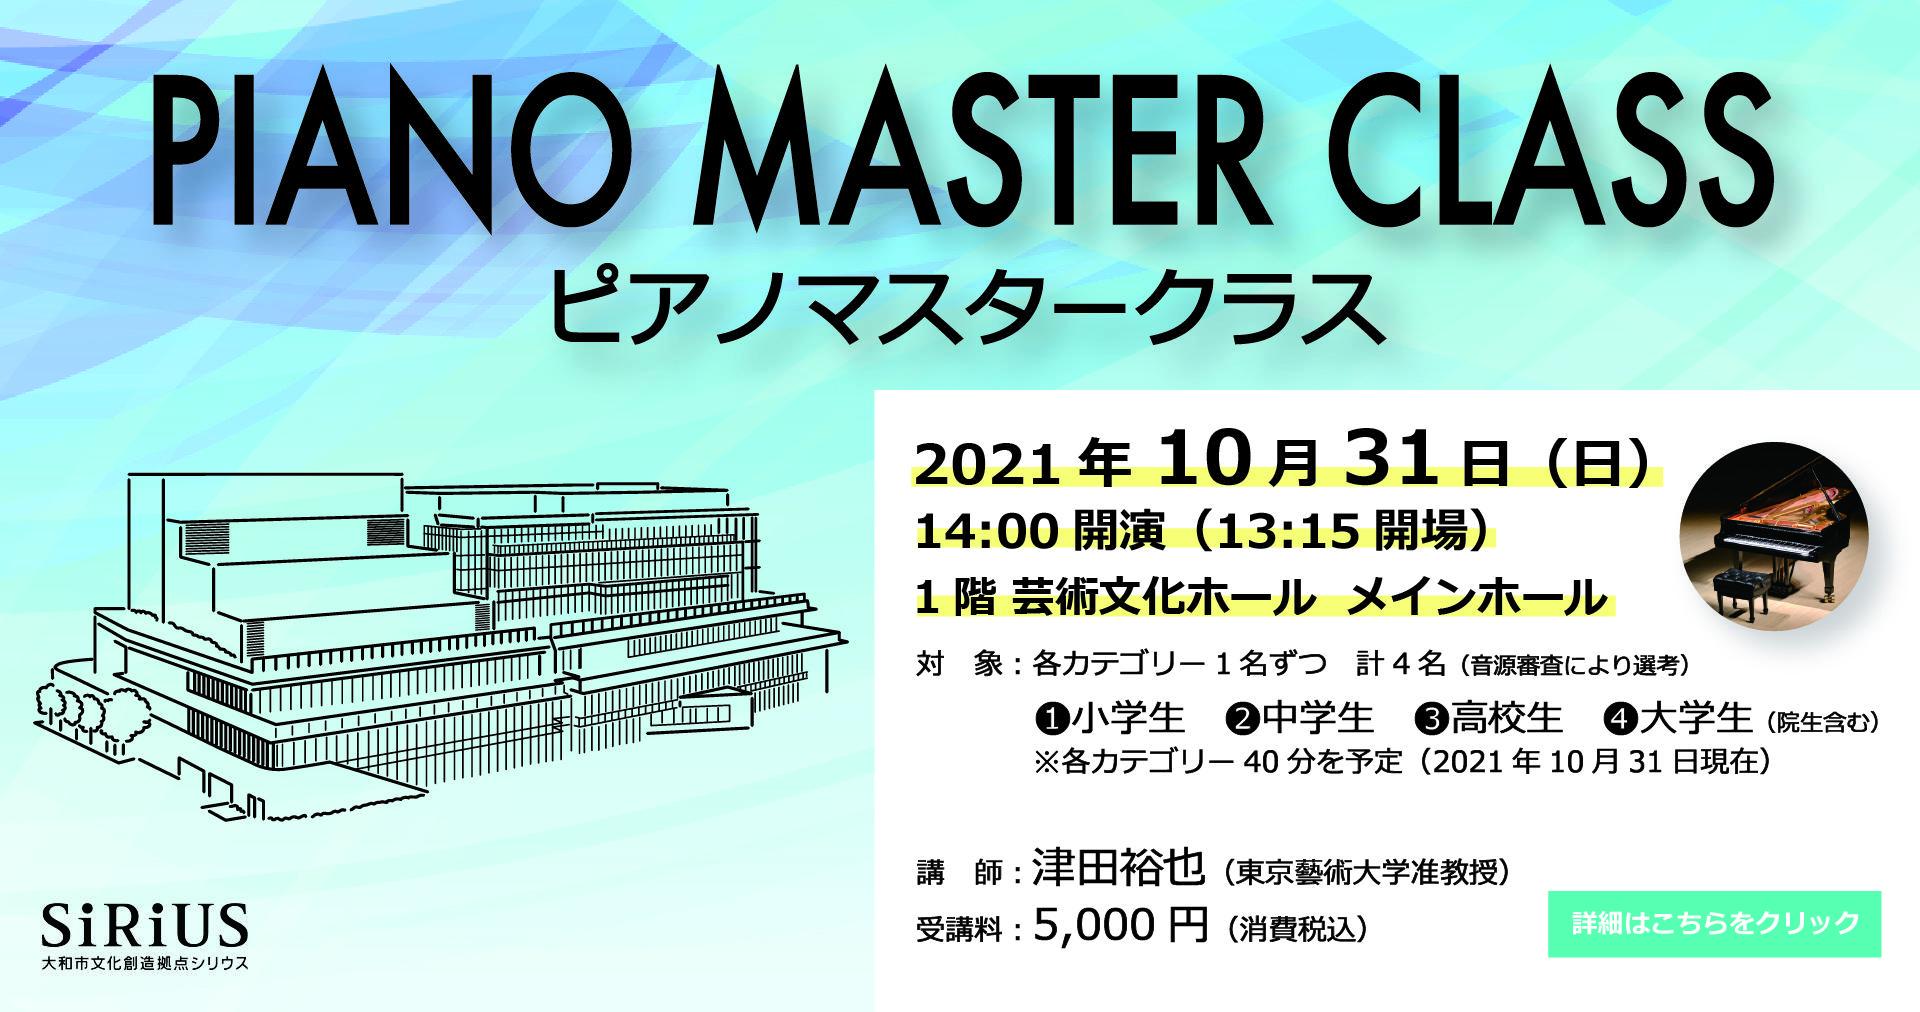 ピアノマスタークラス